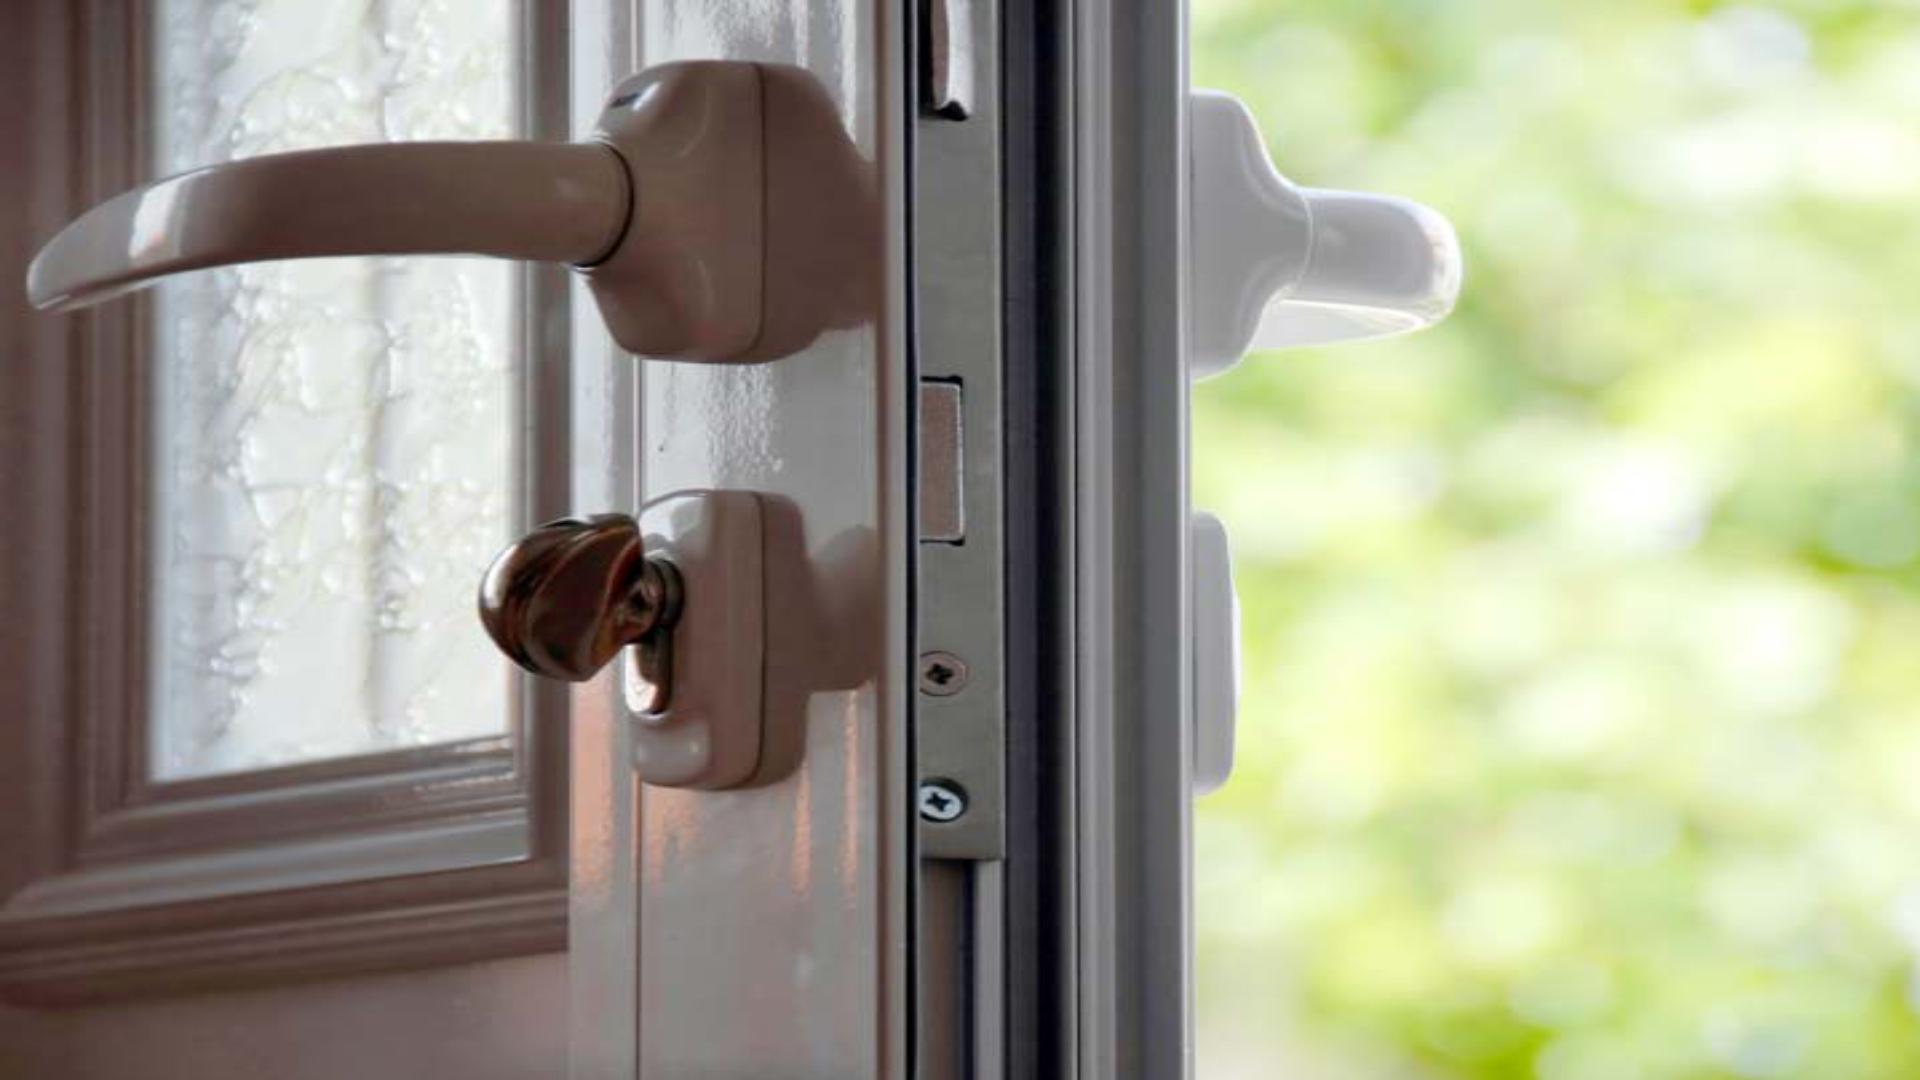 Miért nem záródik rendesen a műanyag bejárati ajtó